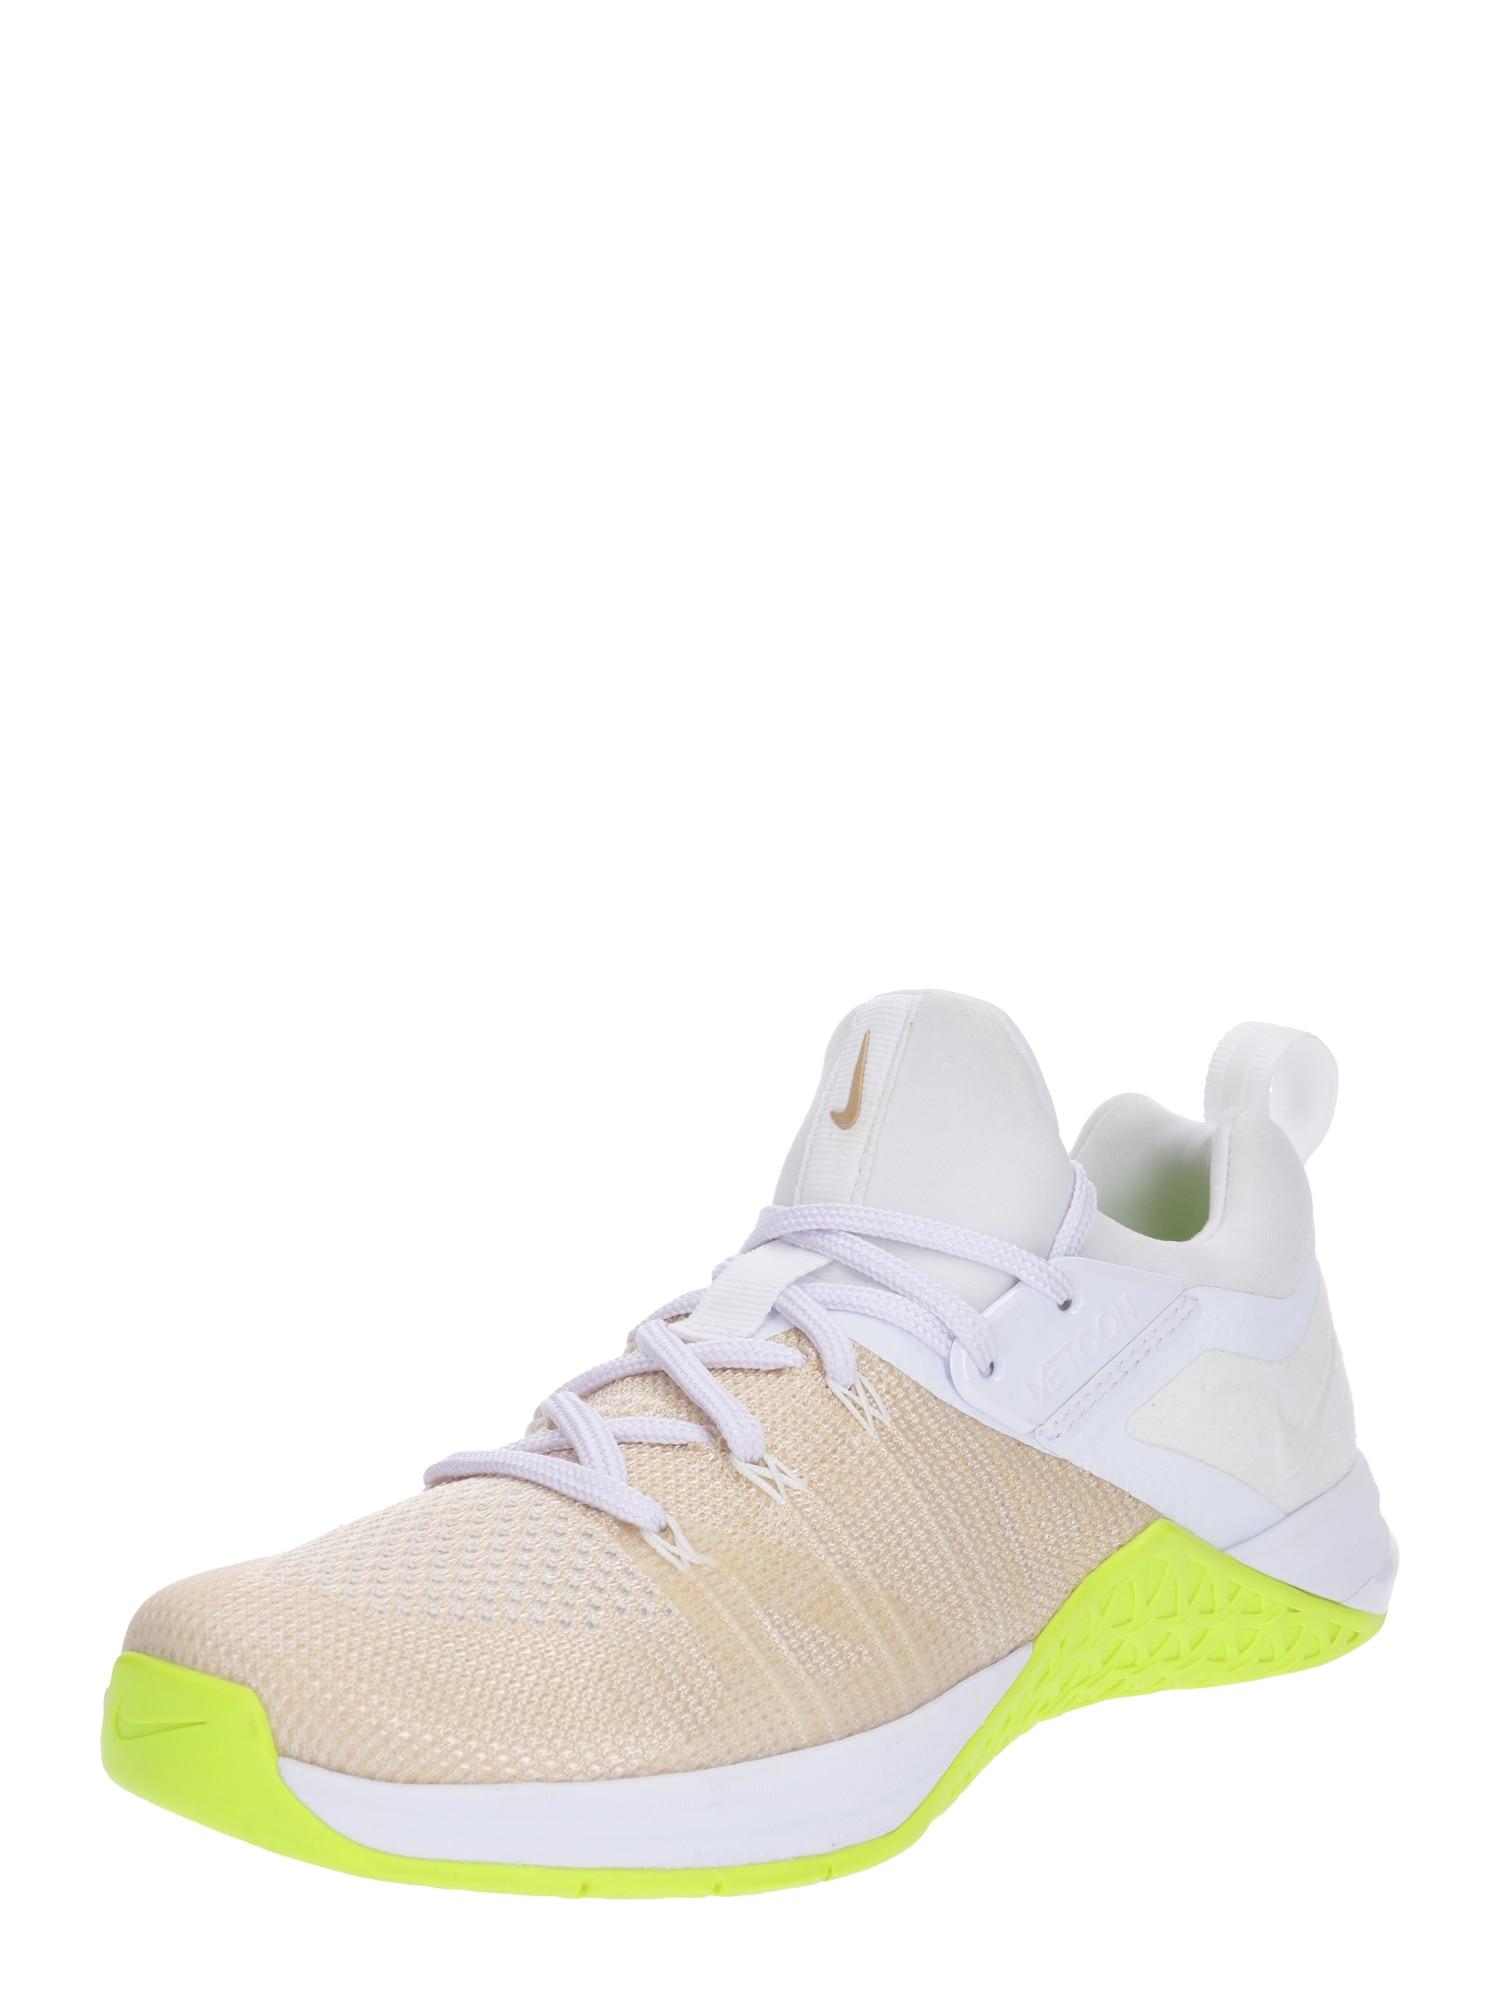 Sportovní boty Metcon Flyknit 3 žlutá bílá NIKE